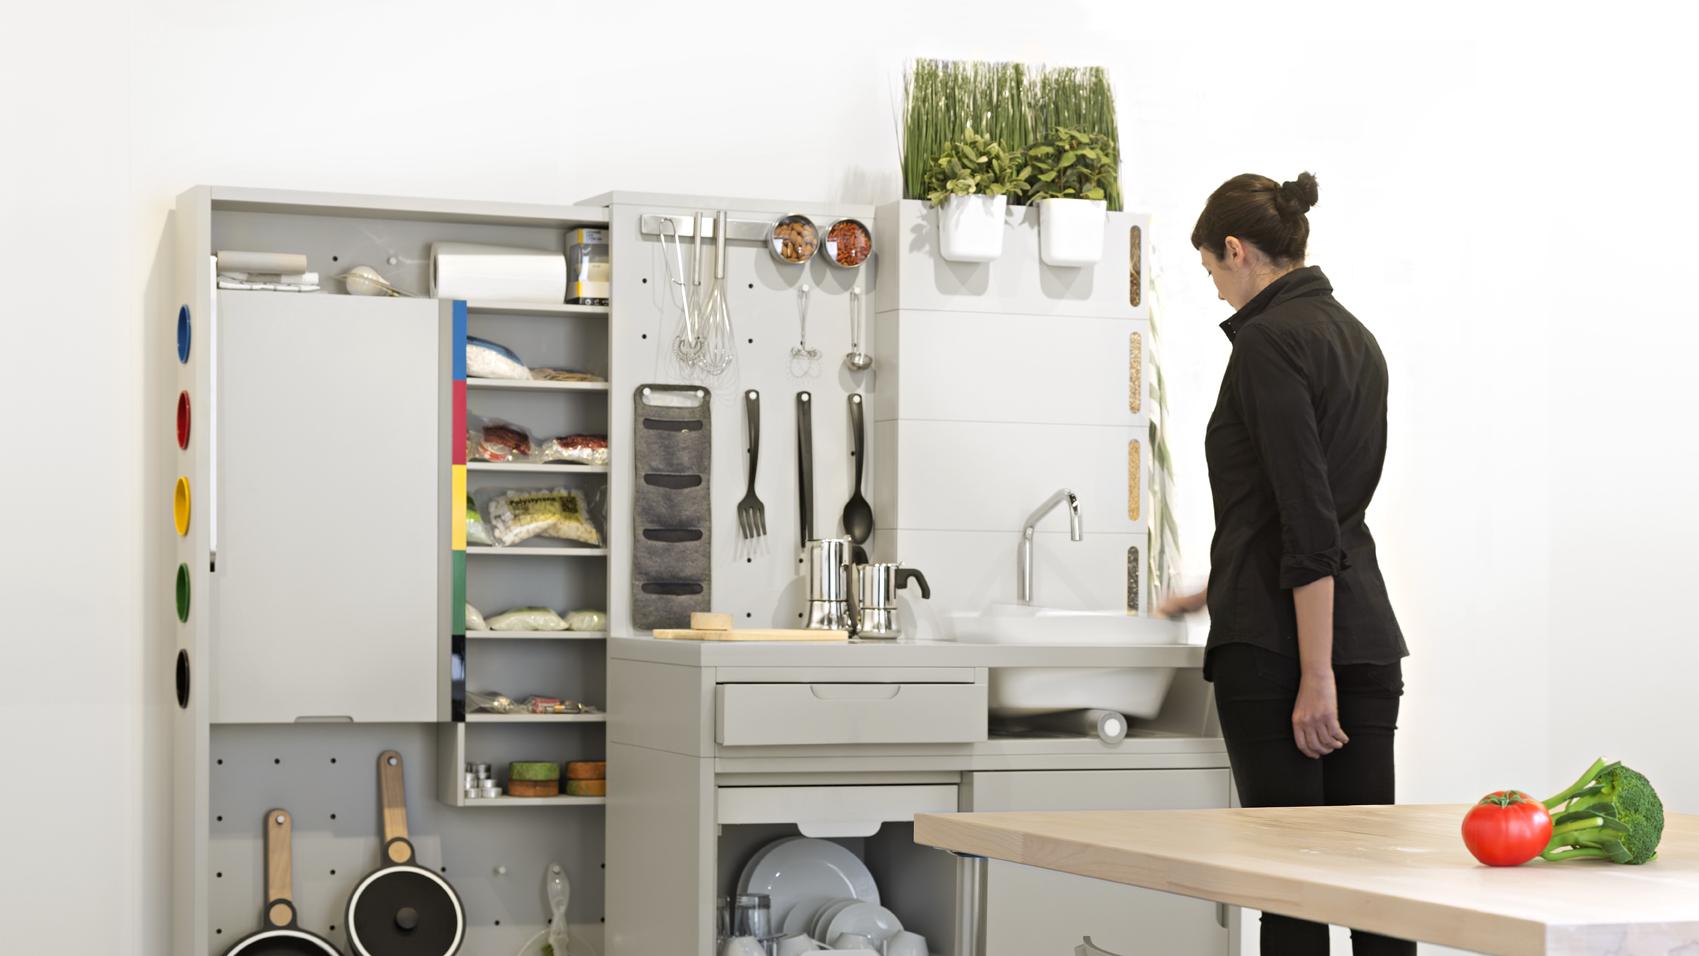 cozinha_do_futuro3